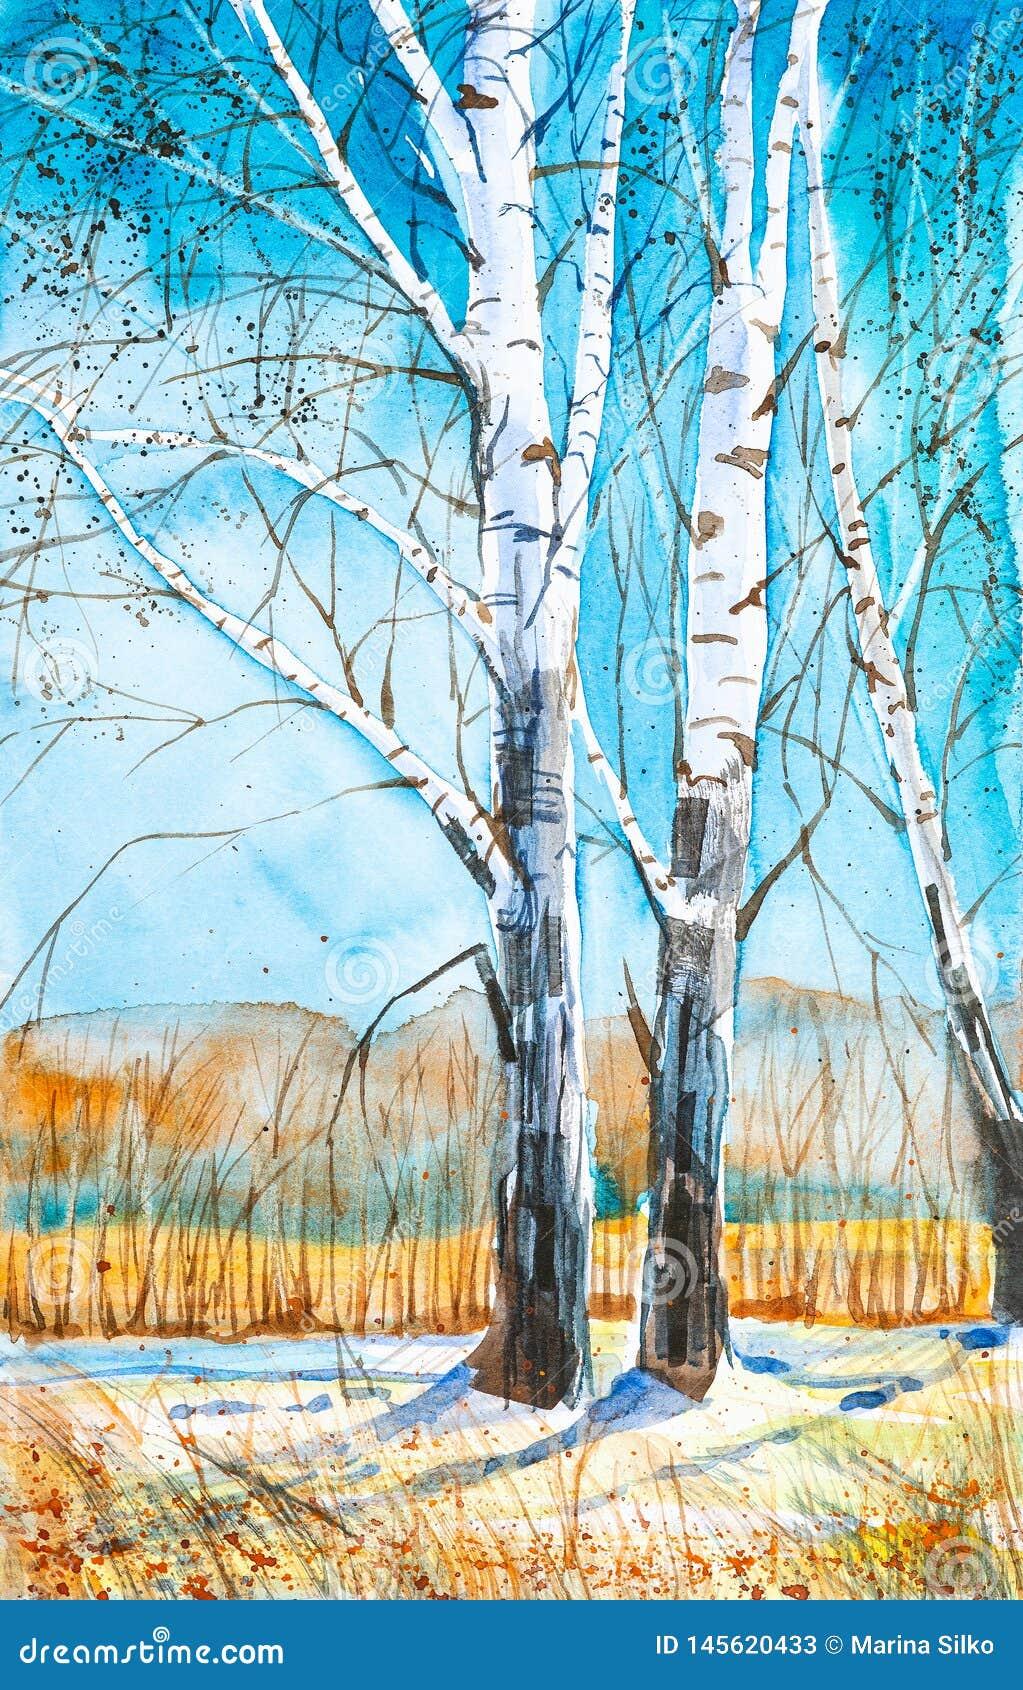 Ρωσικό δασικό τοπίο με τις όμορφες σημύδες σε ένα καθάρισμα με το λειώνοντας χιόνι